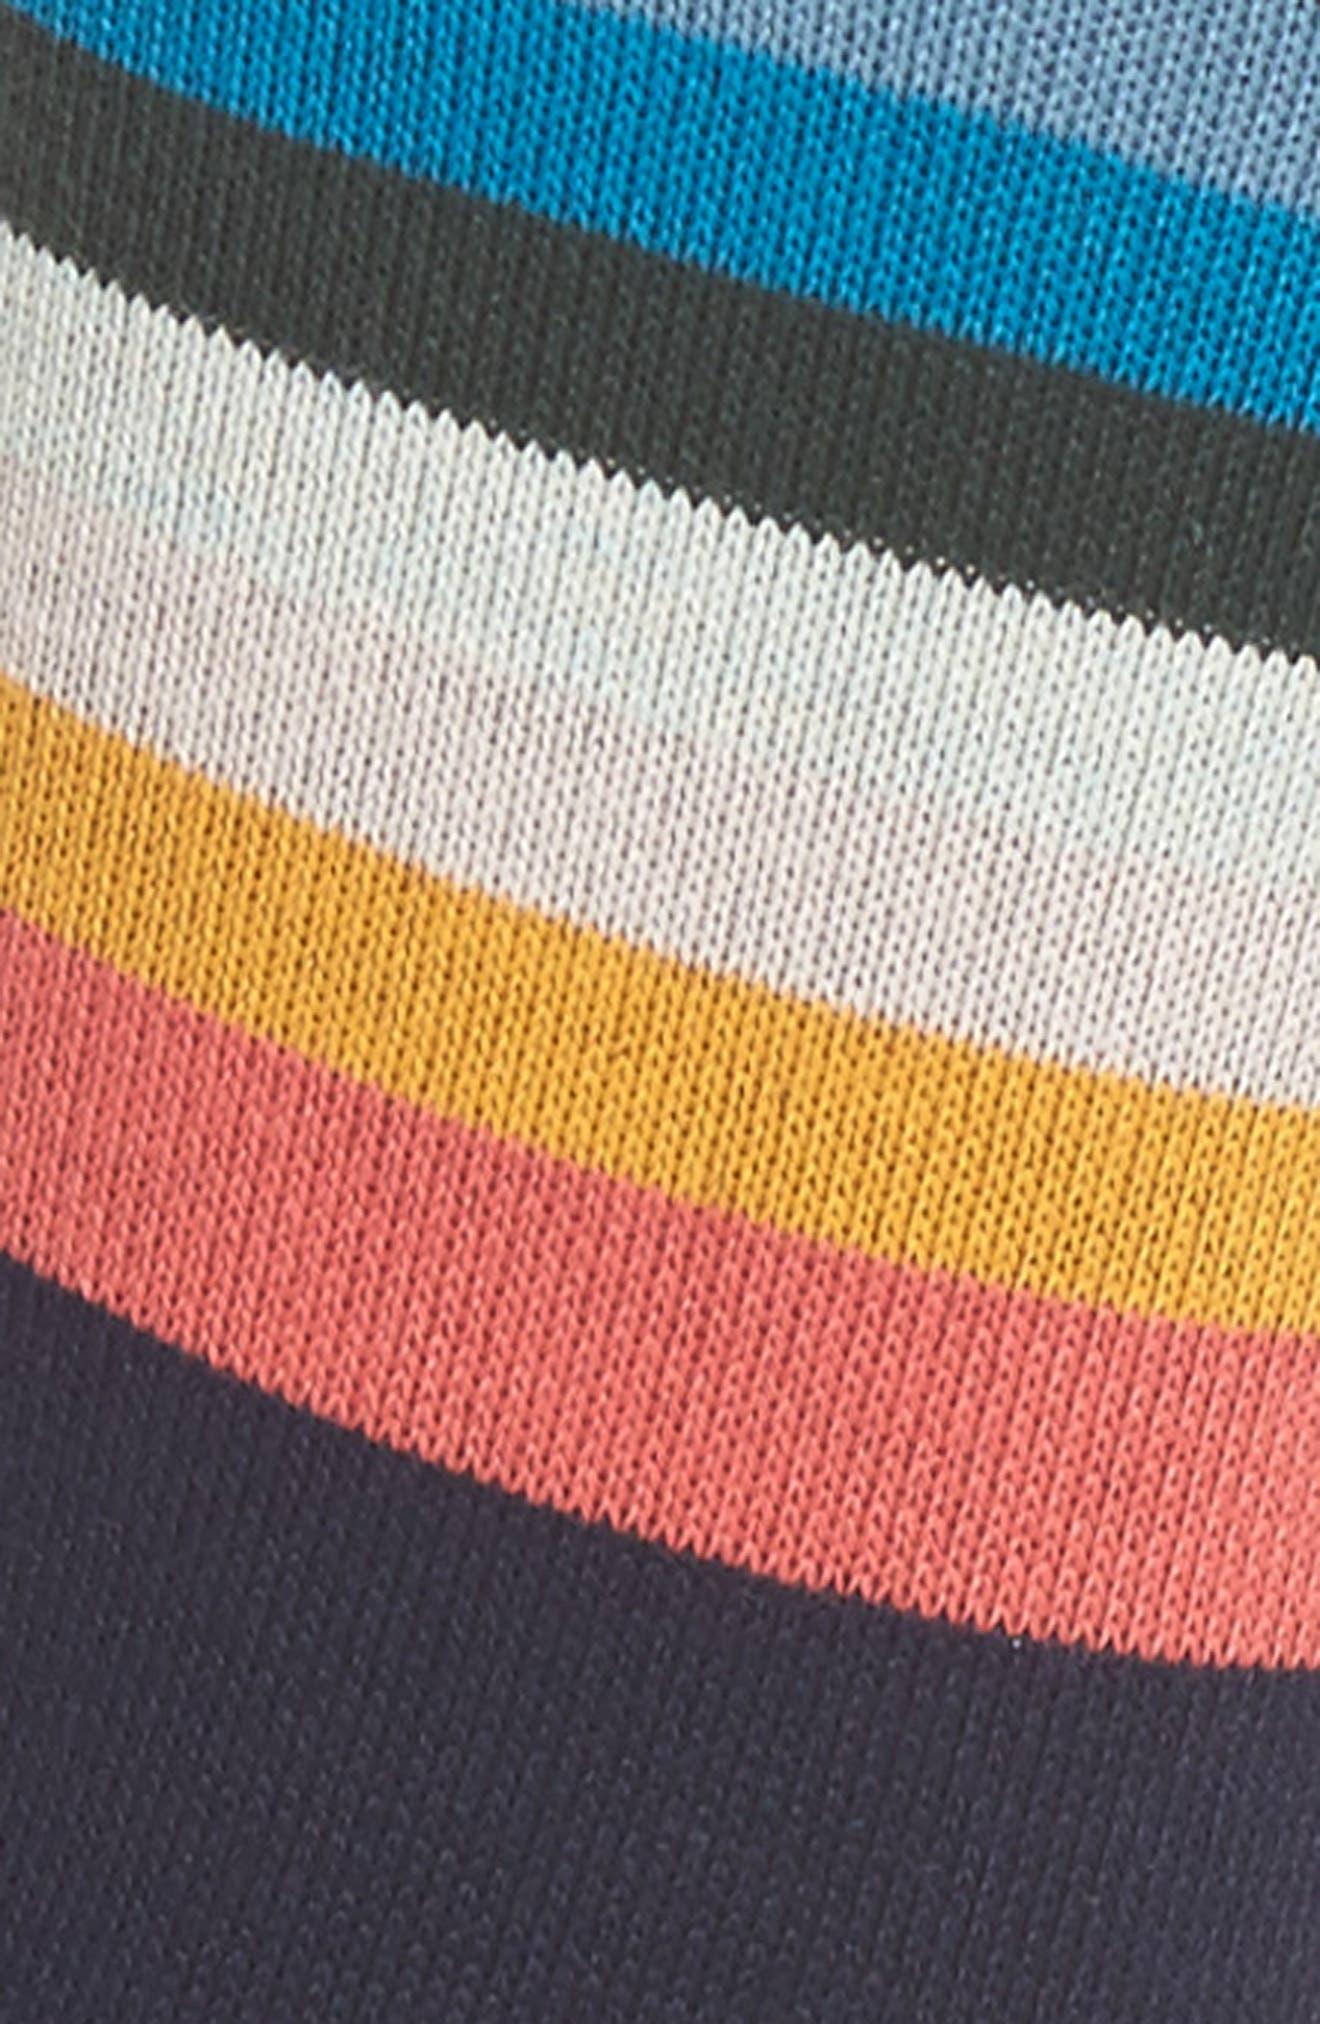 Cindy Artist Stripe Ankle Socks,                             Alternate thumbnail 2, color,                             Navy